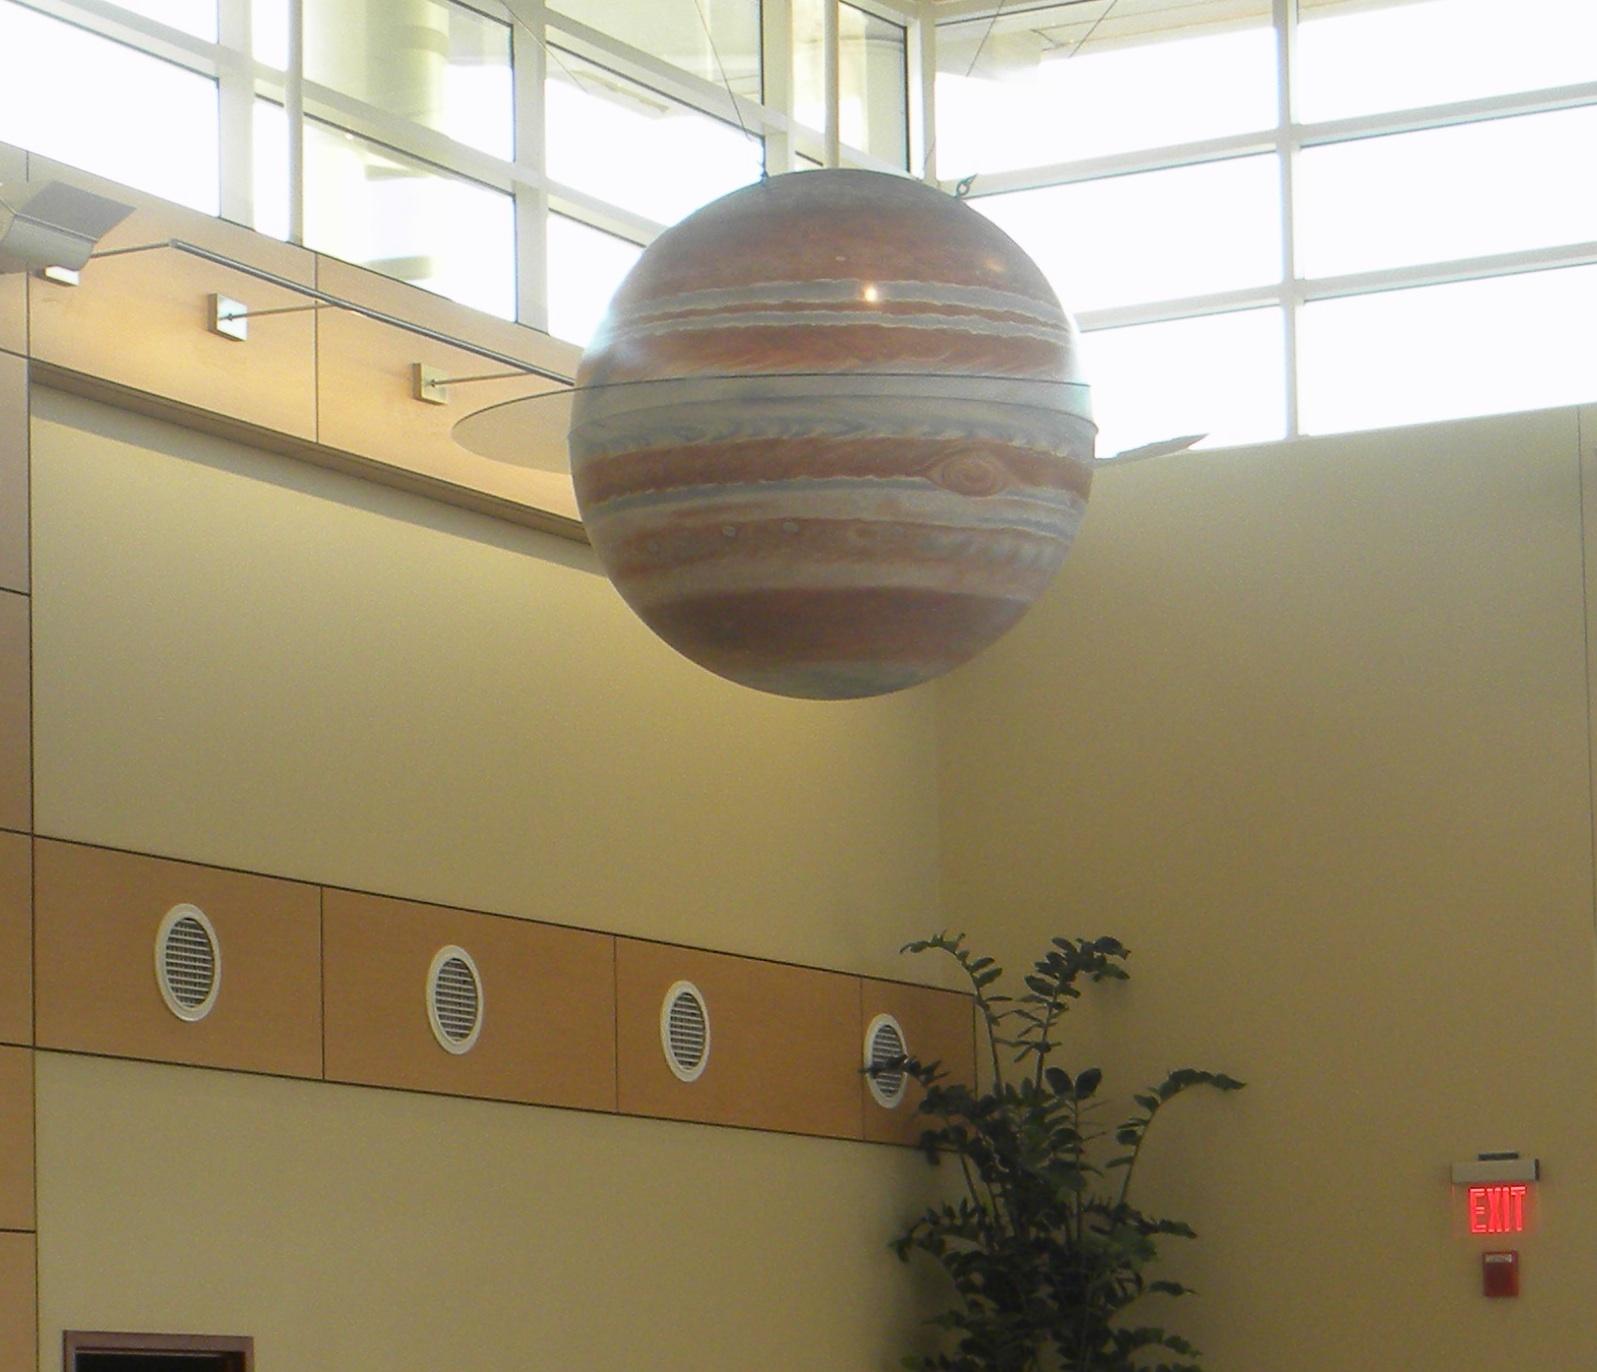 Dome Planetarium - Community Solar System - Peoria